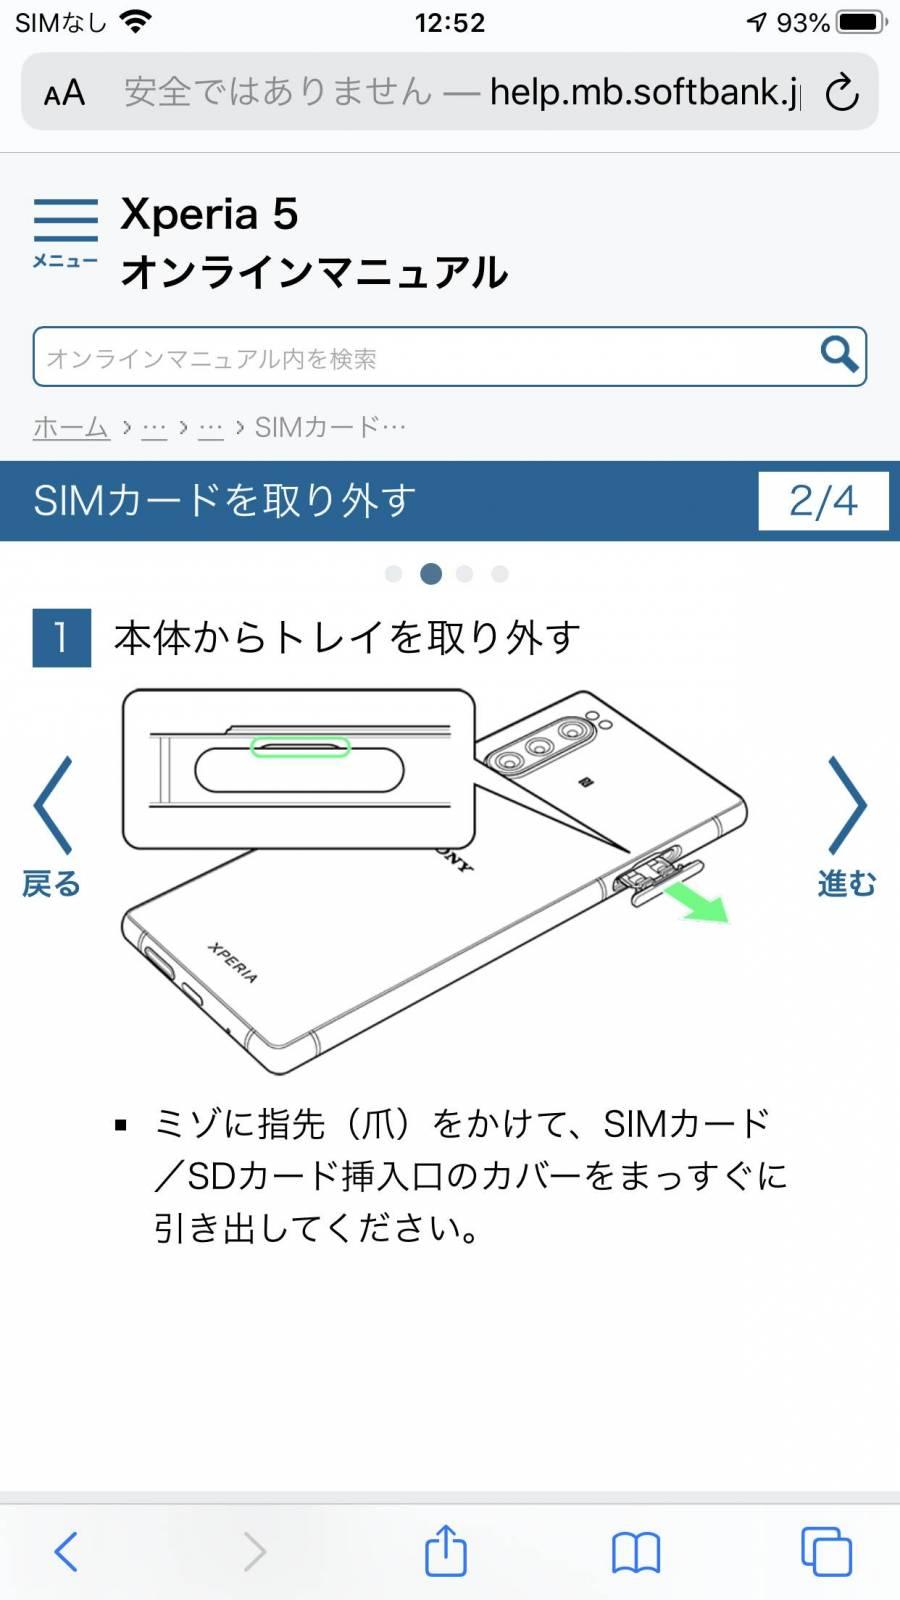 ソフトバンク オンラインマニュアル Xperia5 SIMカードを取り外す